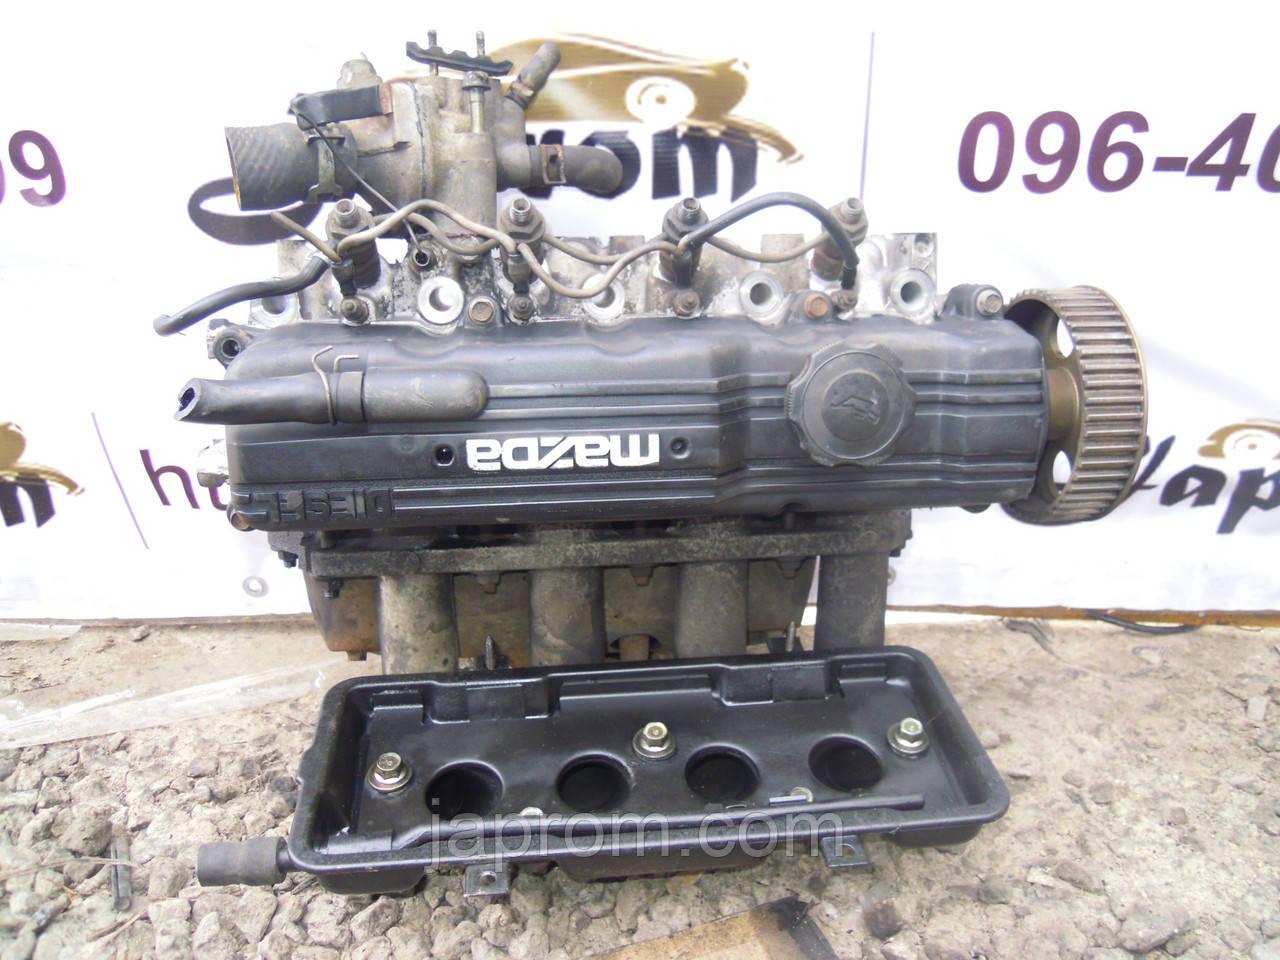 Головка блока цилиндров (ГБЦ) Mazda 323 BG 1988-1994 г.в. 1.7 дизель